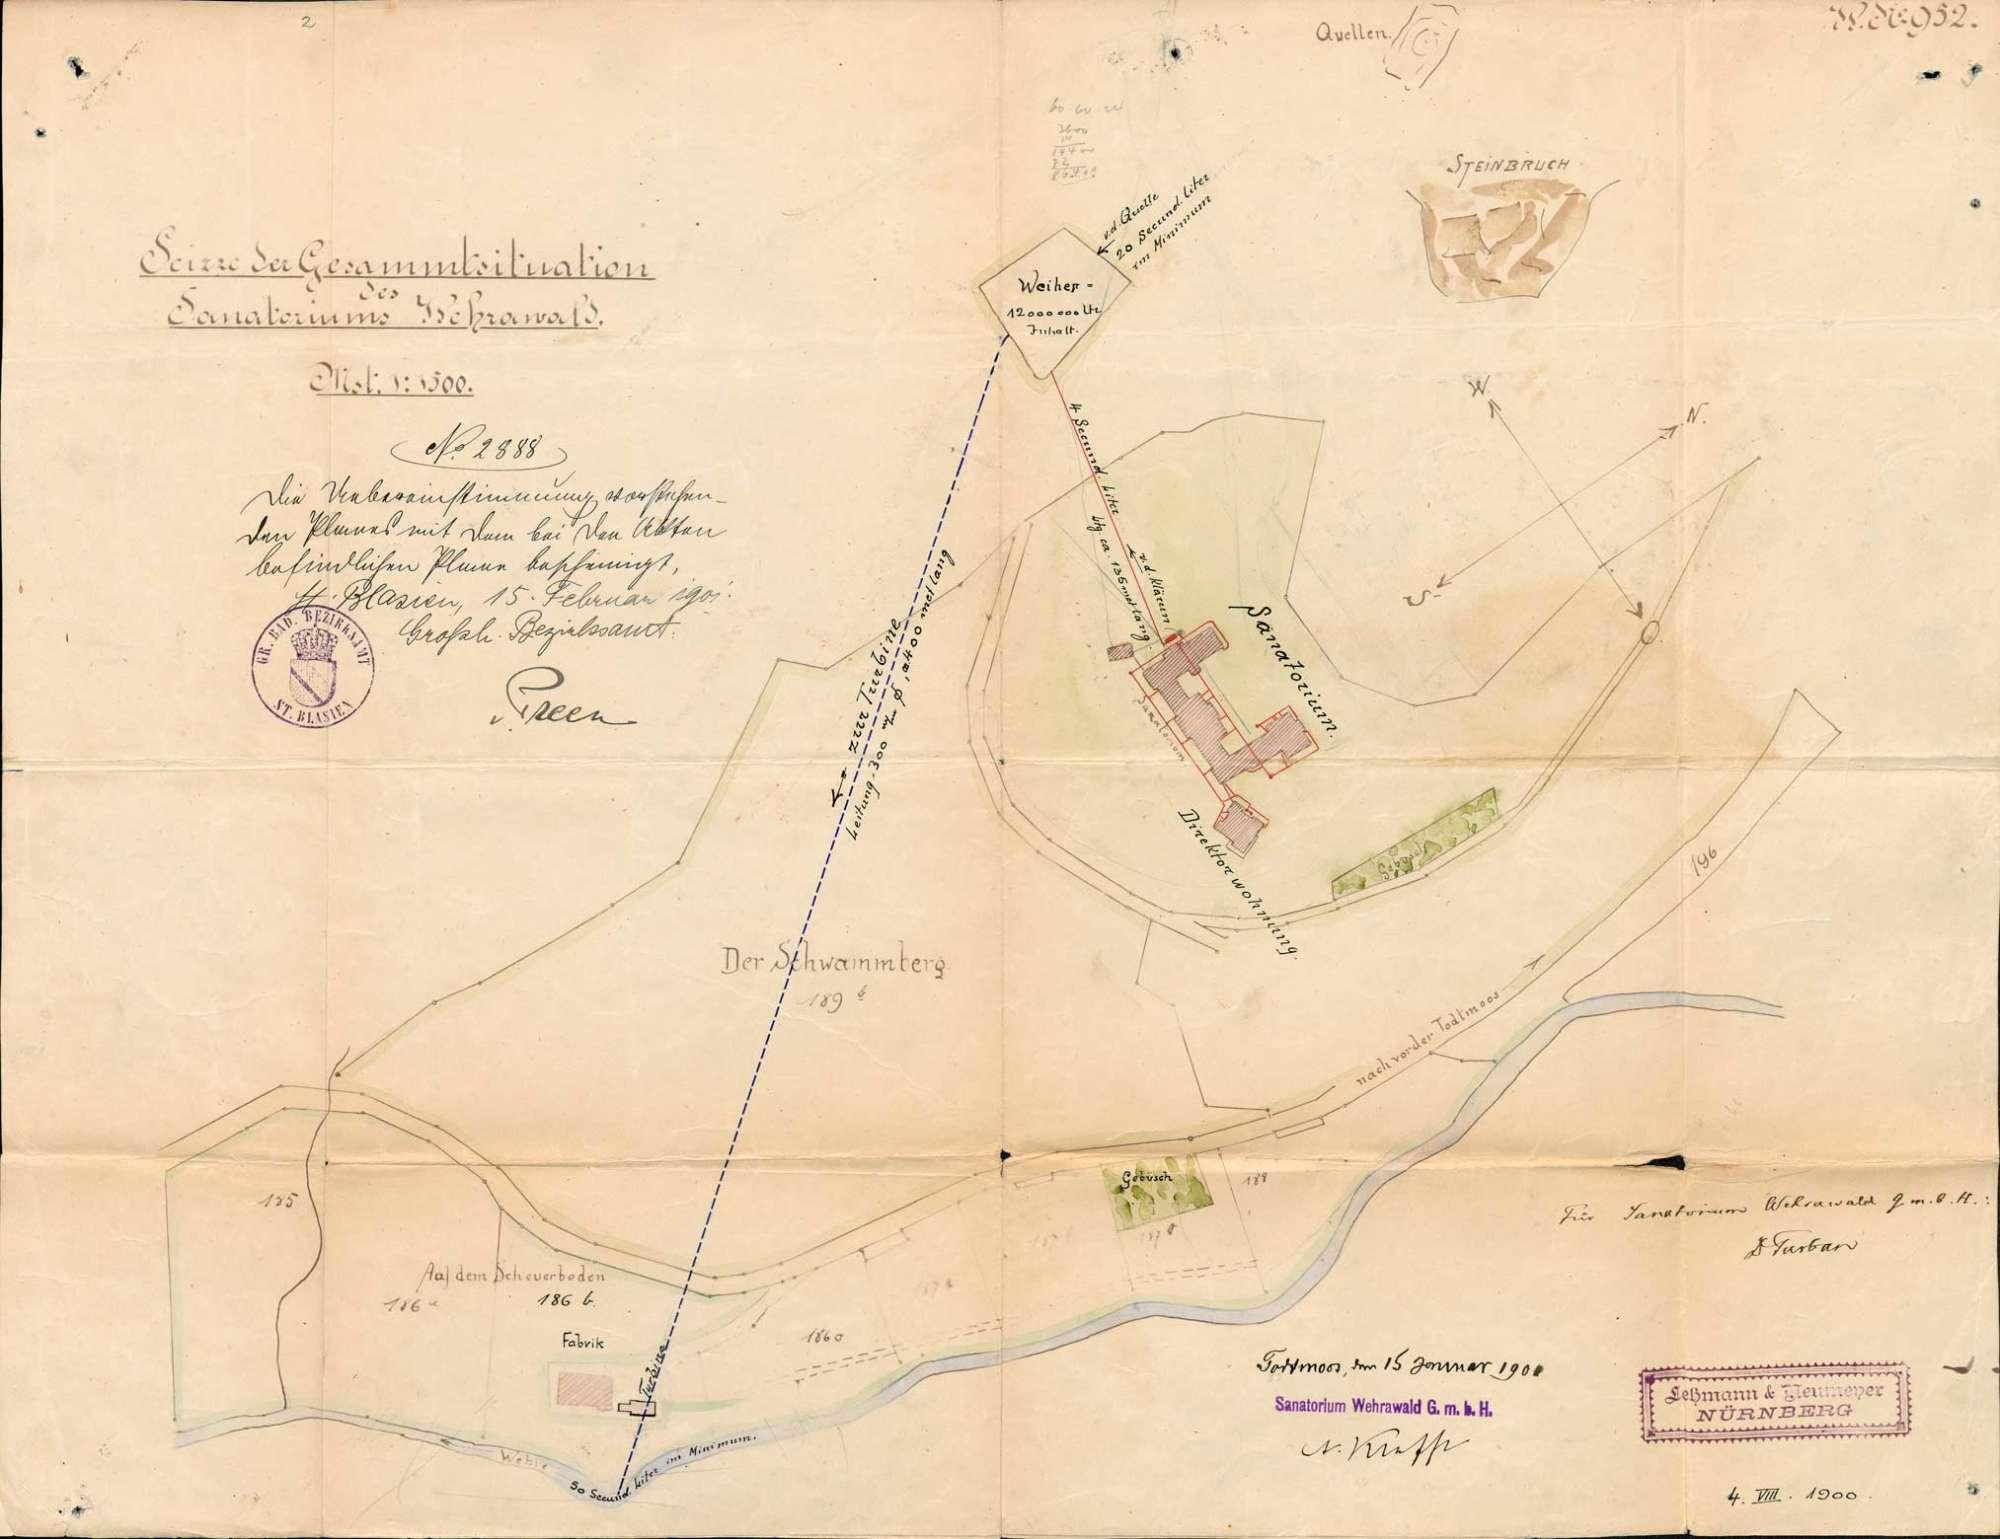 Pläne des Sanatoriums Wehrawald in St. Blasien zur Errichtung einer Kläranlage zum Betrieb einer Lungenheilanstalt in Todtmoos, Bild 2